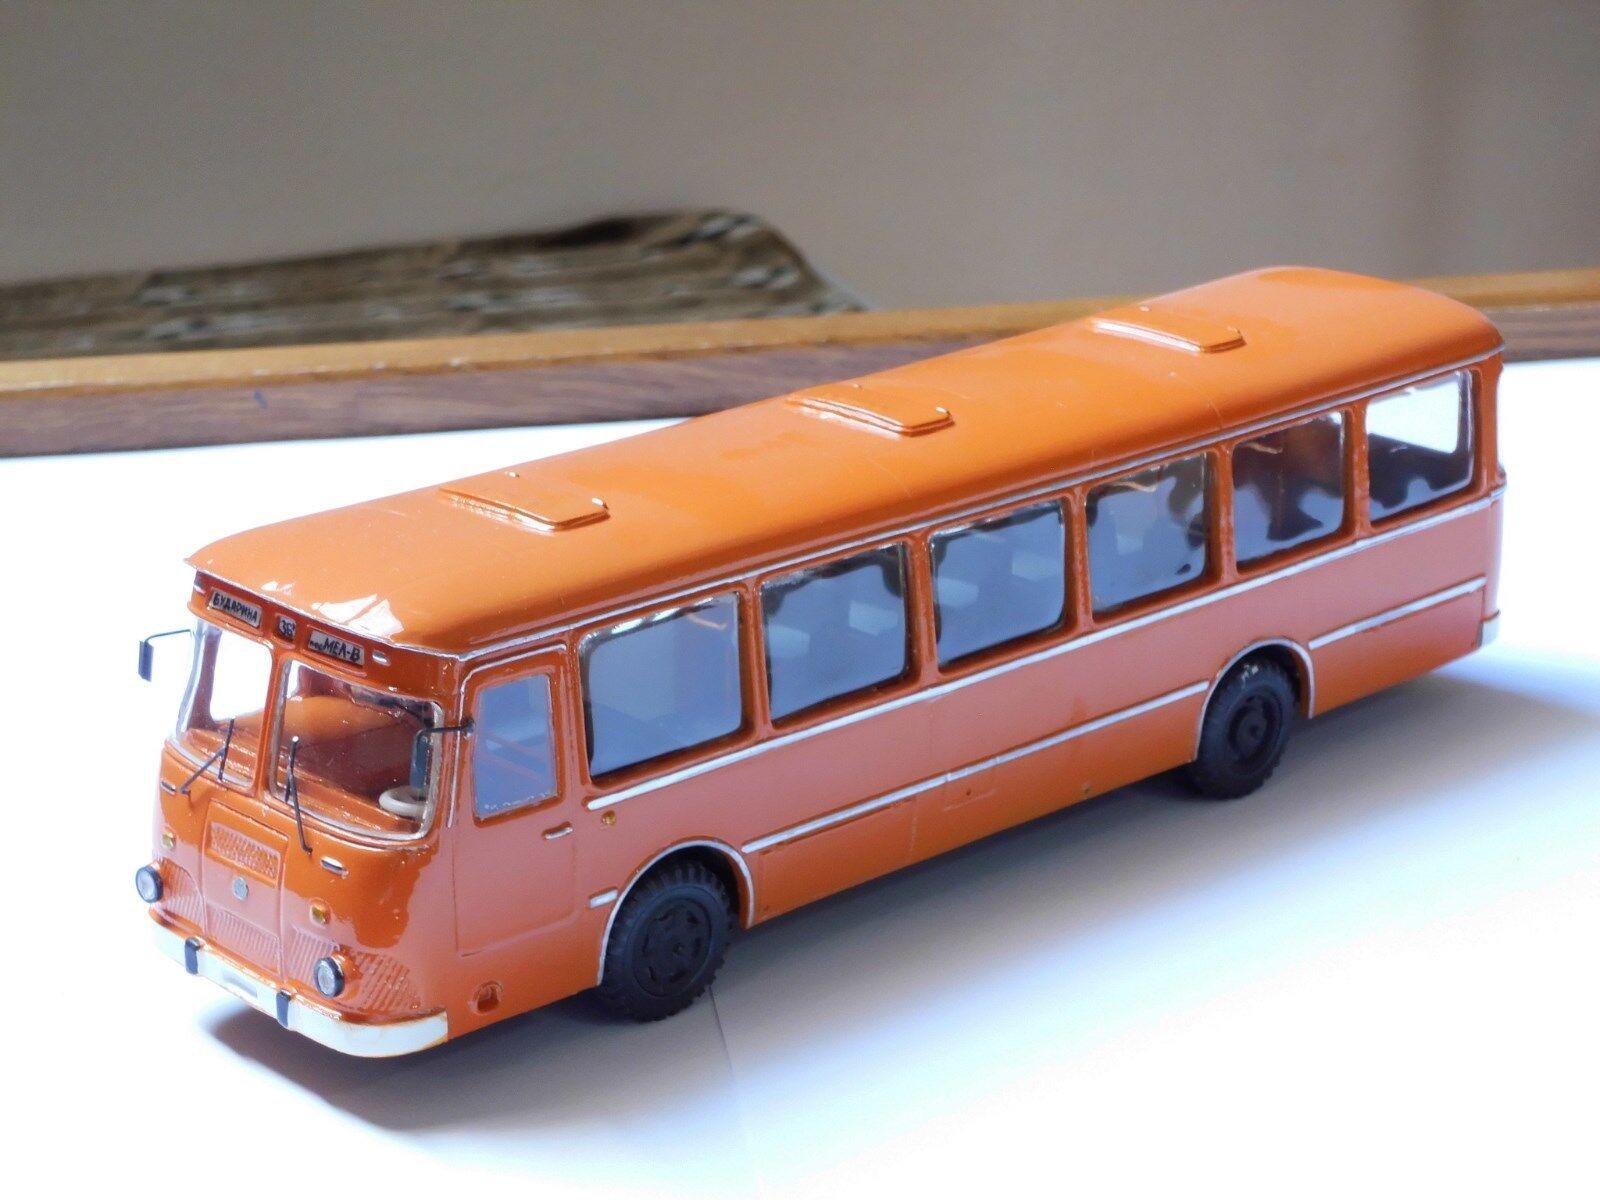 Bus Liaz - 677m, 677m, 677m, finoko, russa lavoro uomouale modellololo 1,43 7a3a58